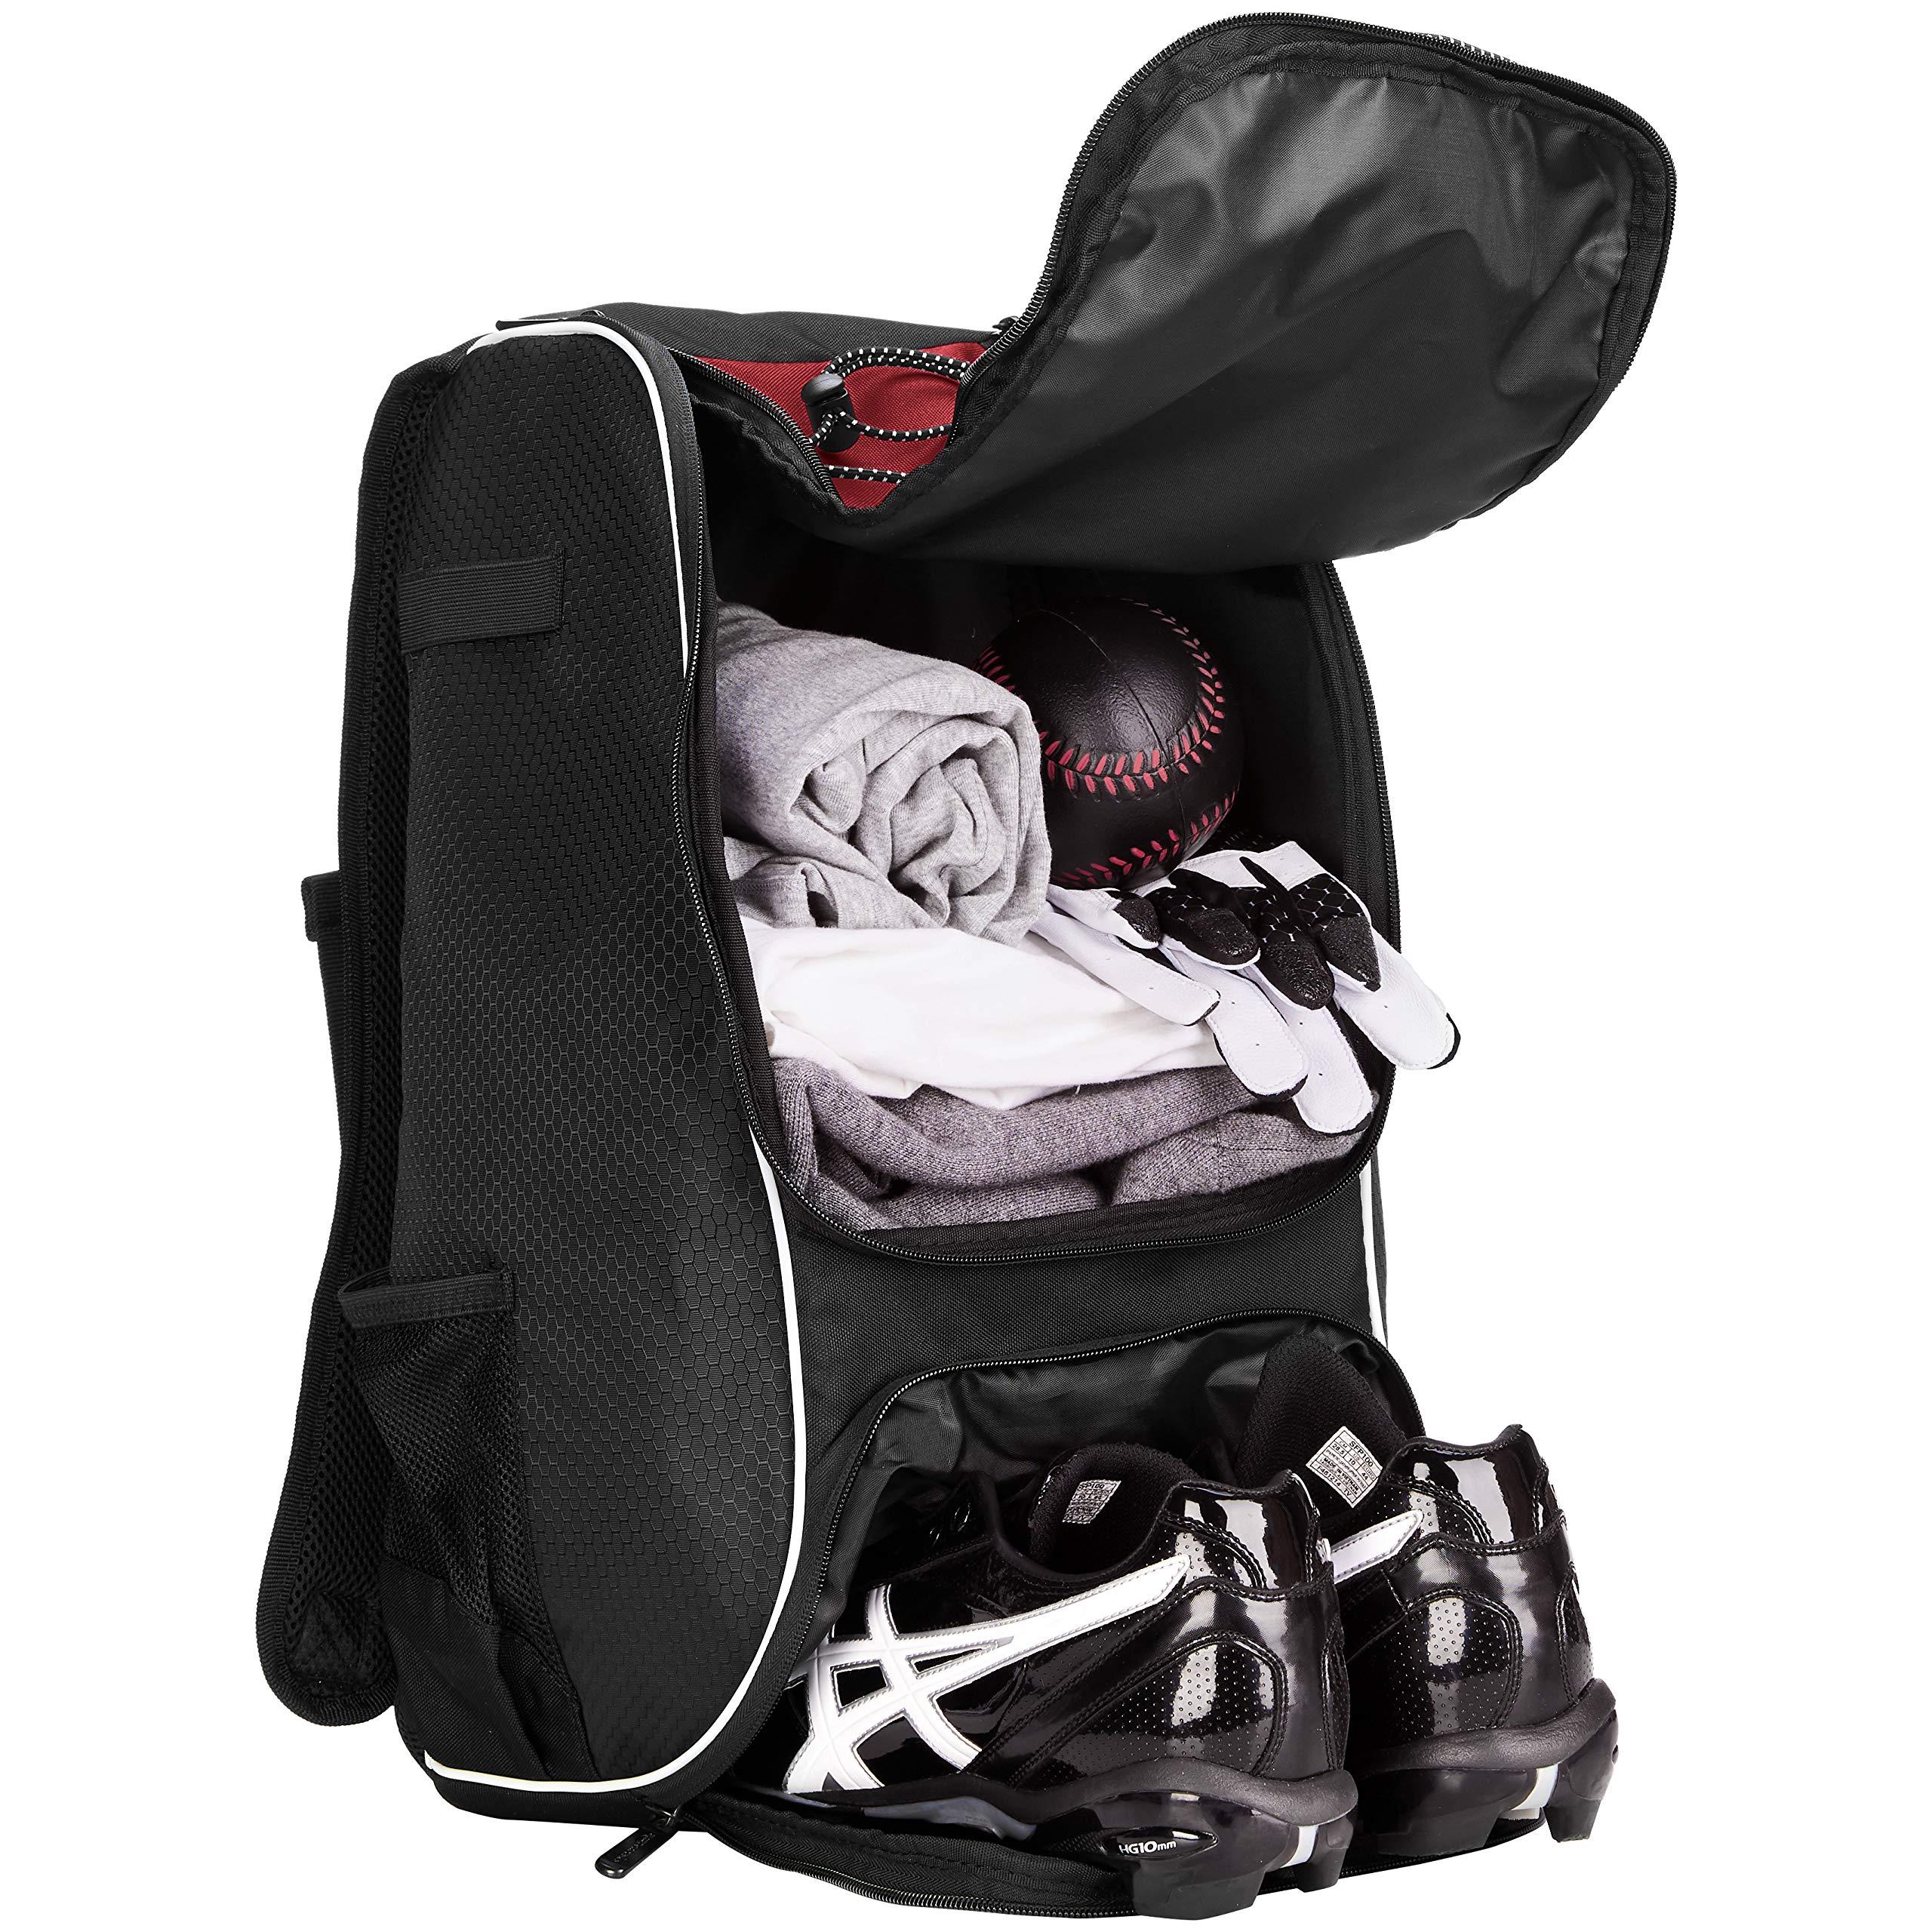 AmazonBasics Youth Baseball Equipment Backpack, Red by AmazonBasics (Image #4)